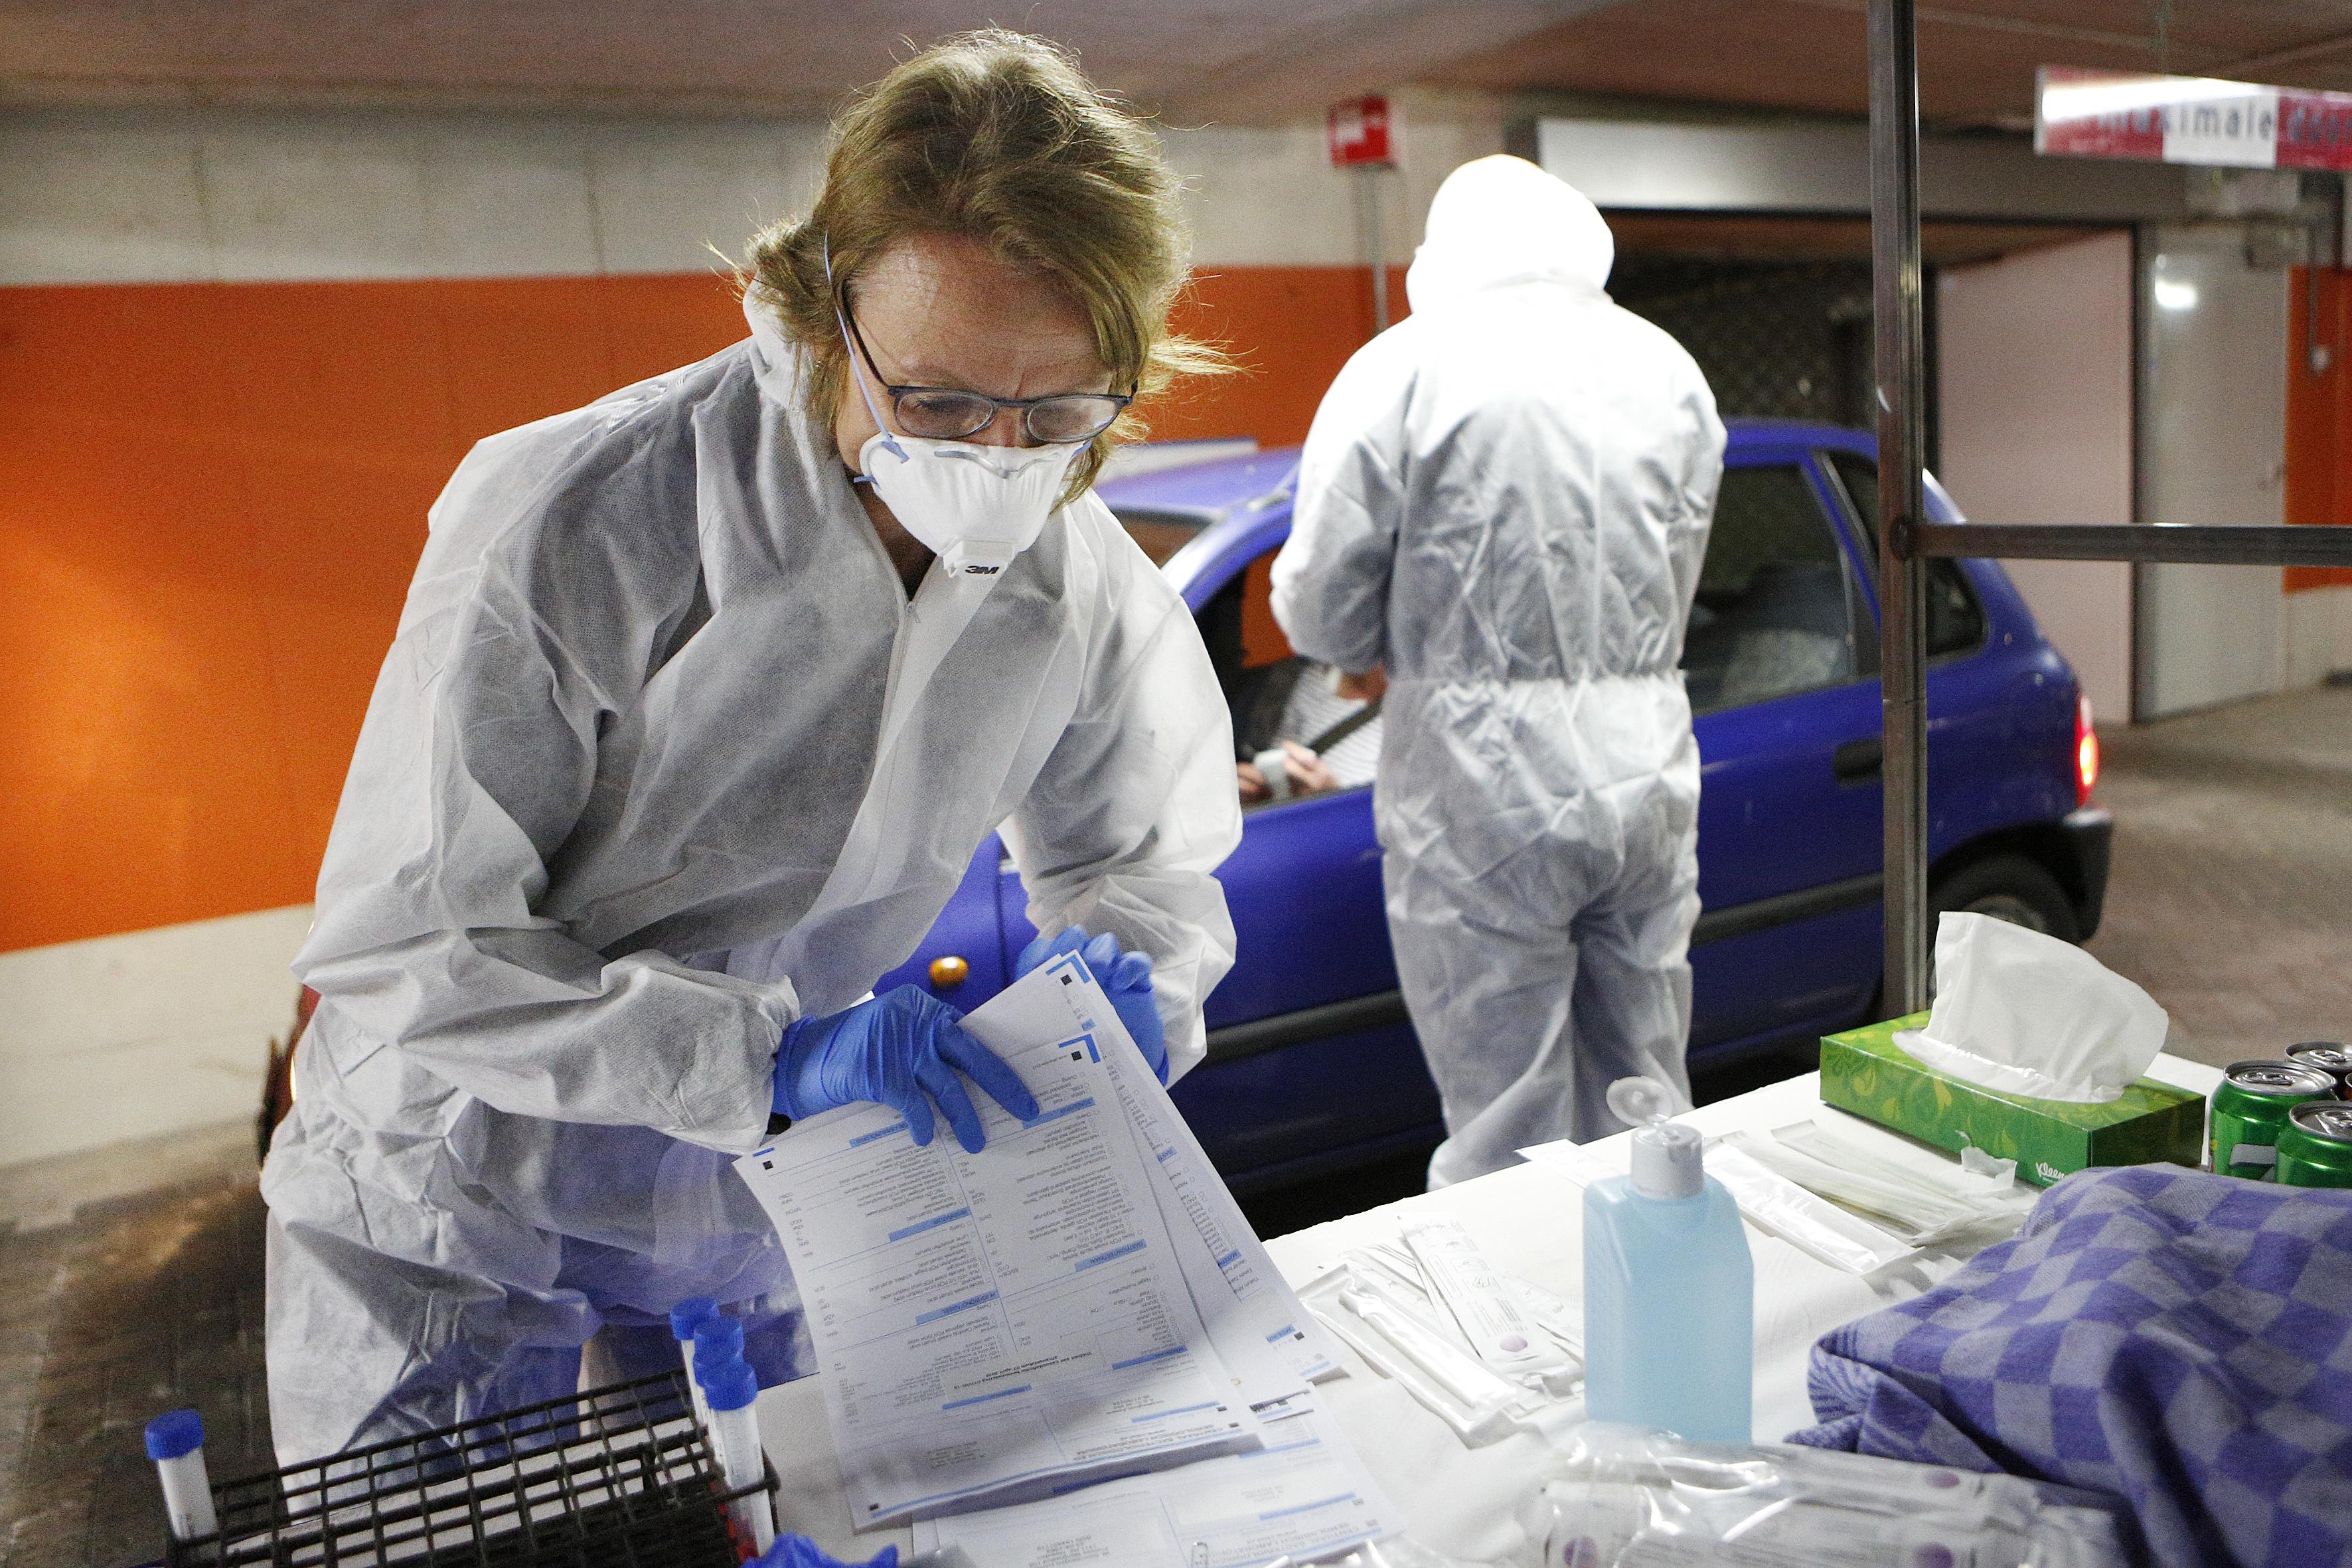 GGD Gooi en Vechtstreek zet extra mankracht in om de contacten van coronapatiënten op te sporen. 'Aantal besmettingen loopt op, maar het onderzoek is nog te behappen'